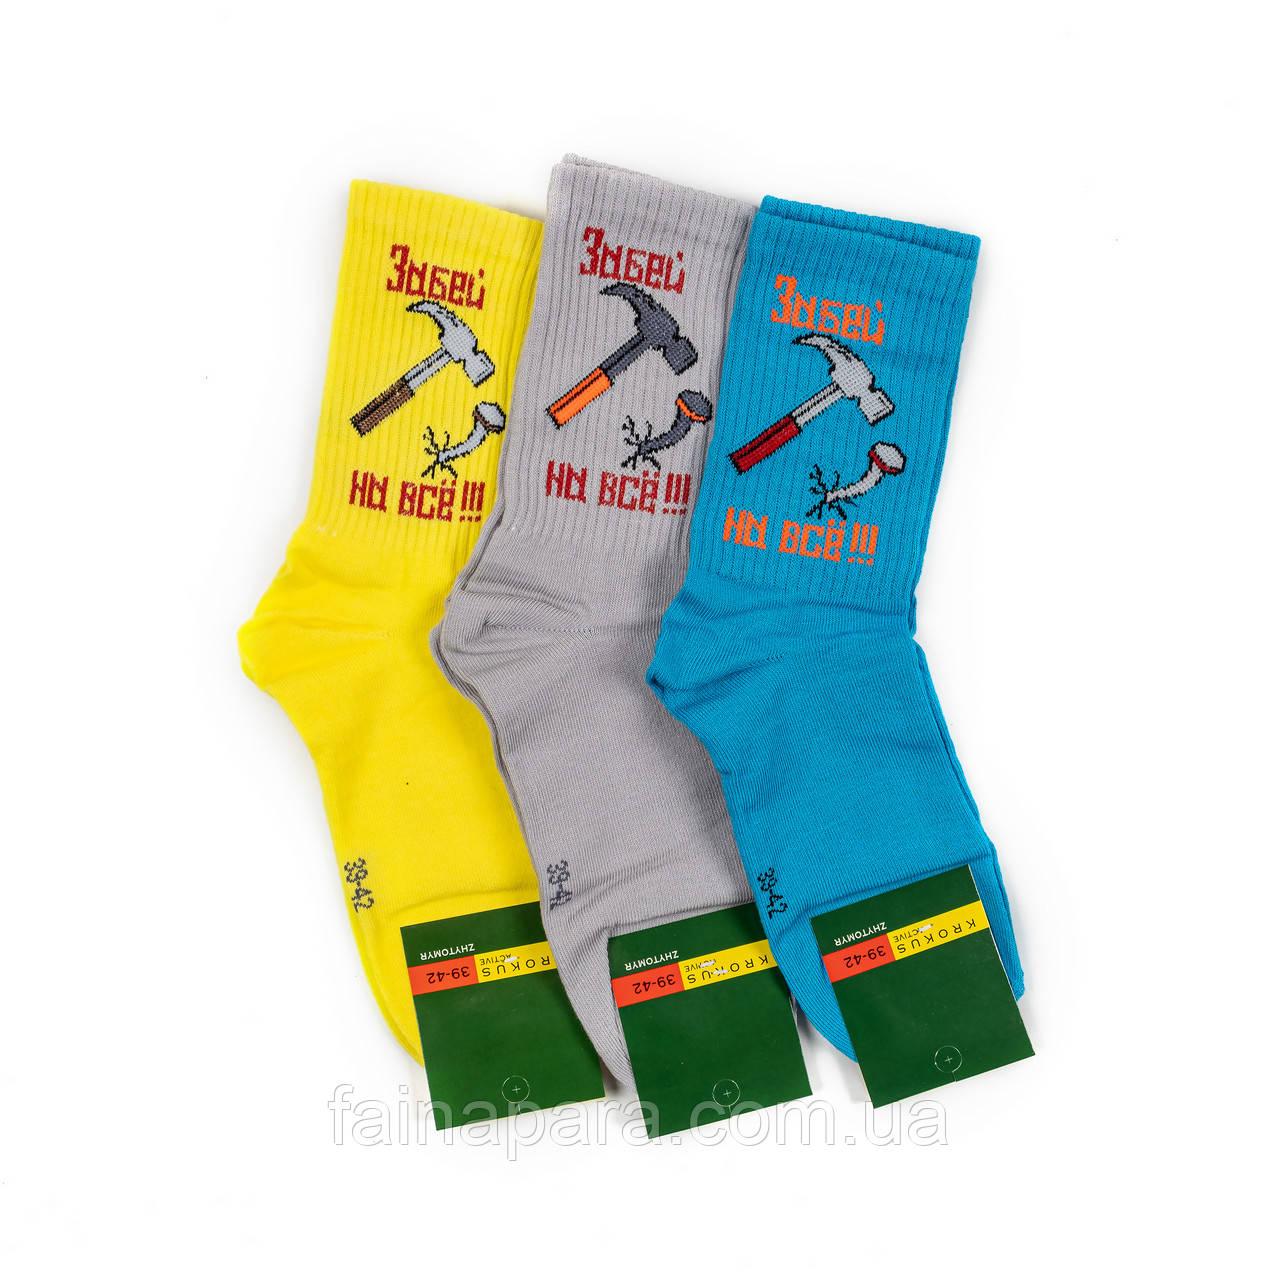 Яскраві чоловічі шкарпетки з прикольними написами